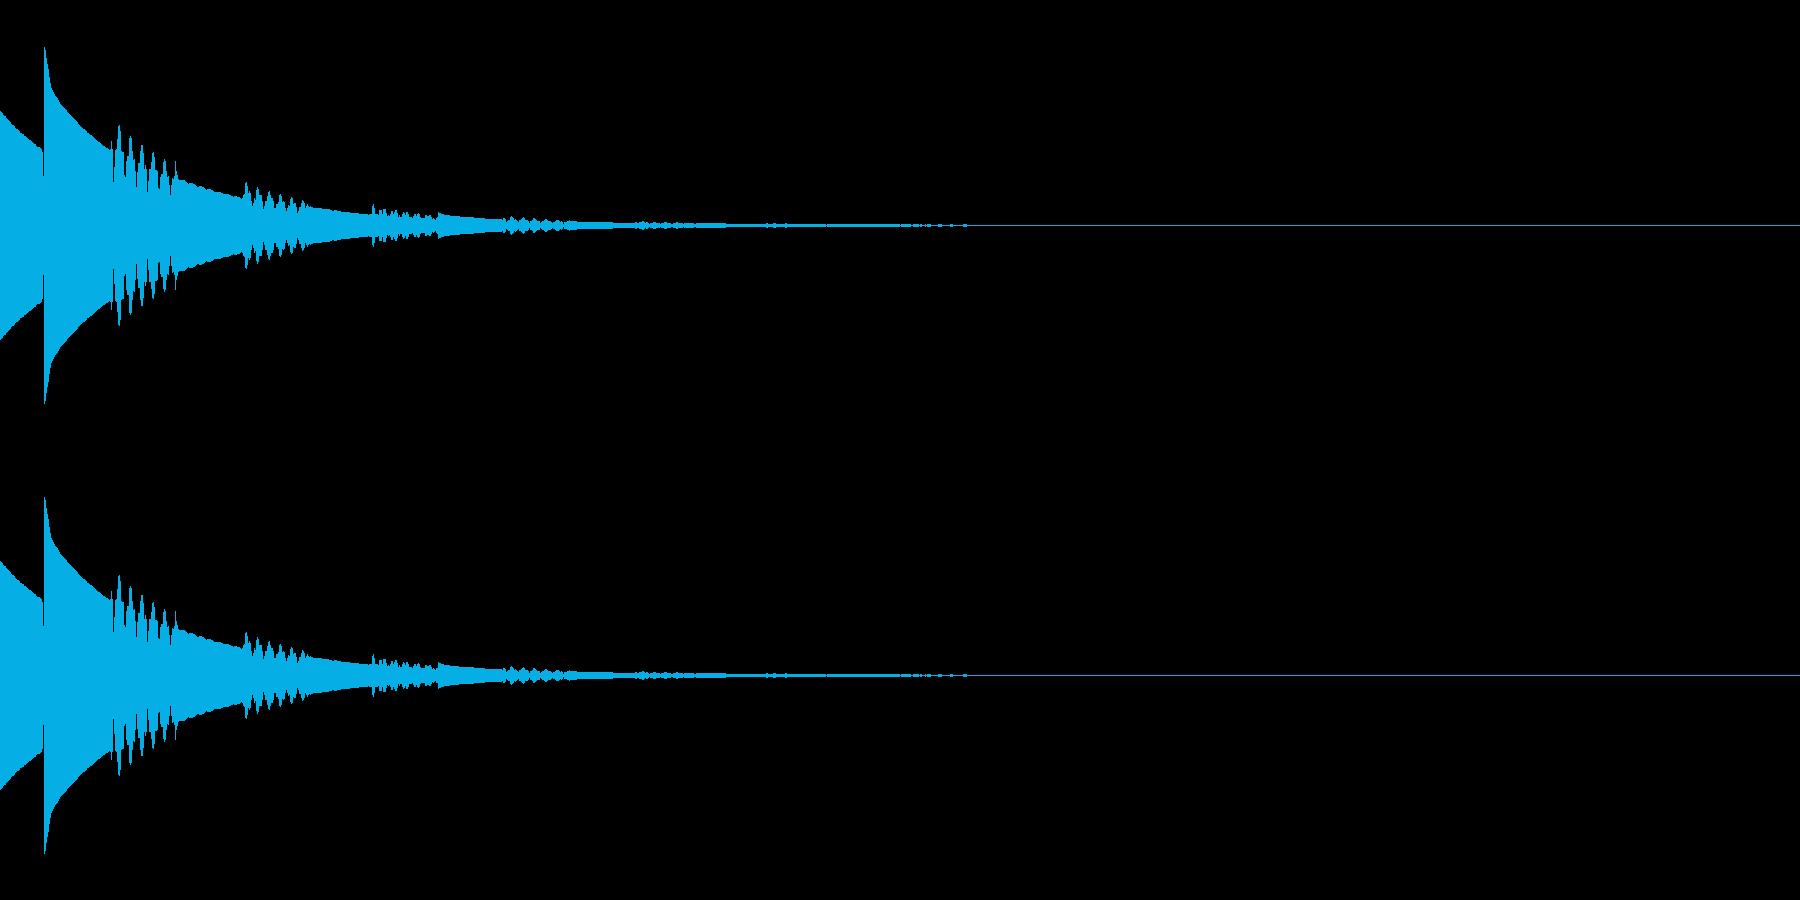 キラキラ(星/アイテム/エコー)の再生済みの波形